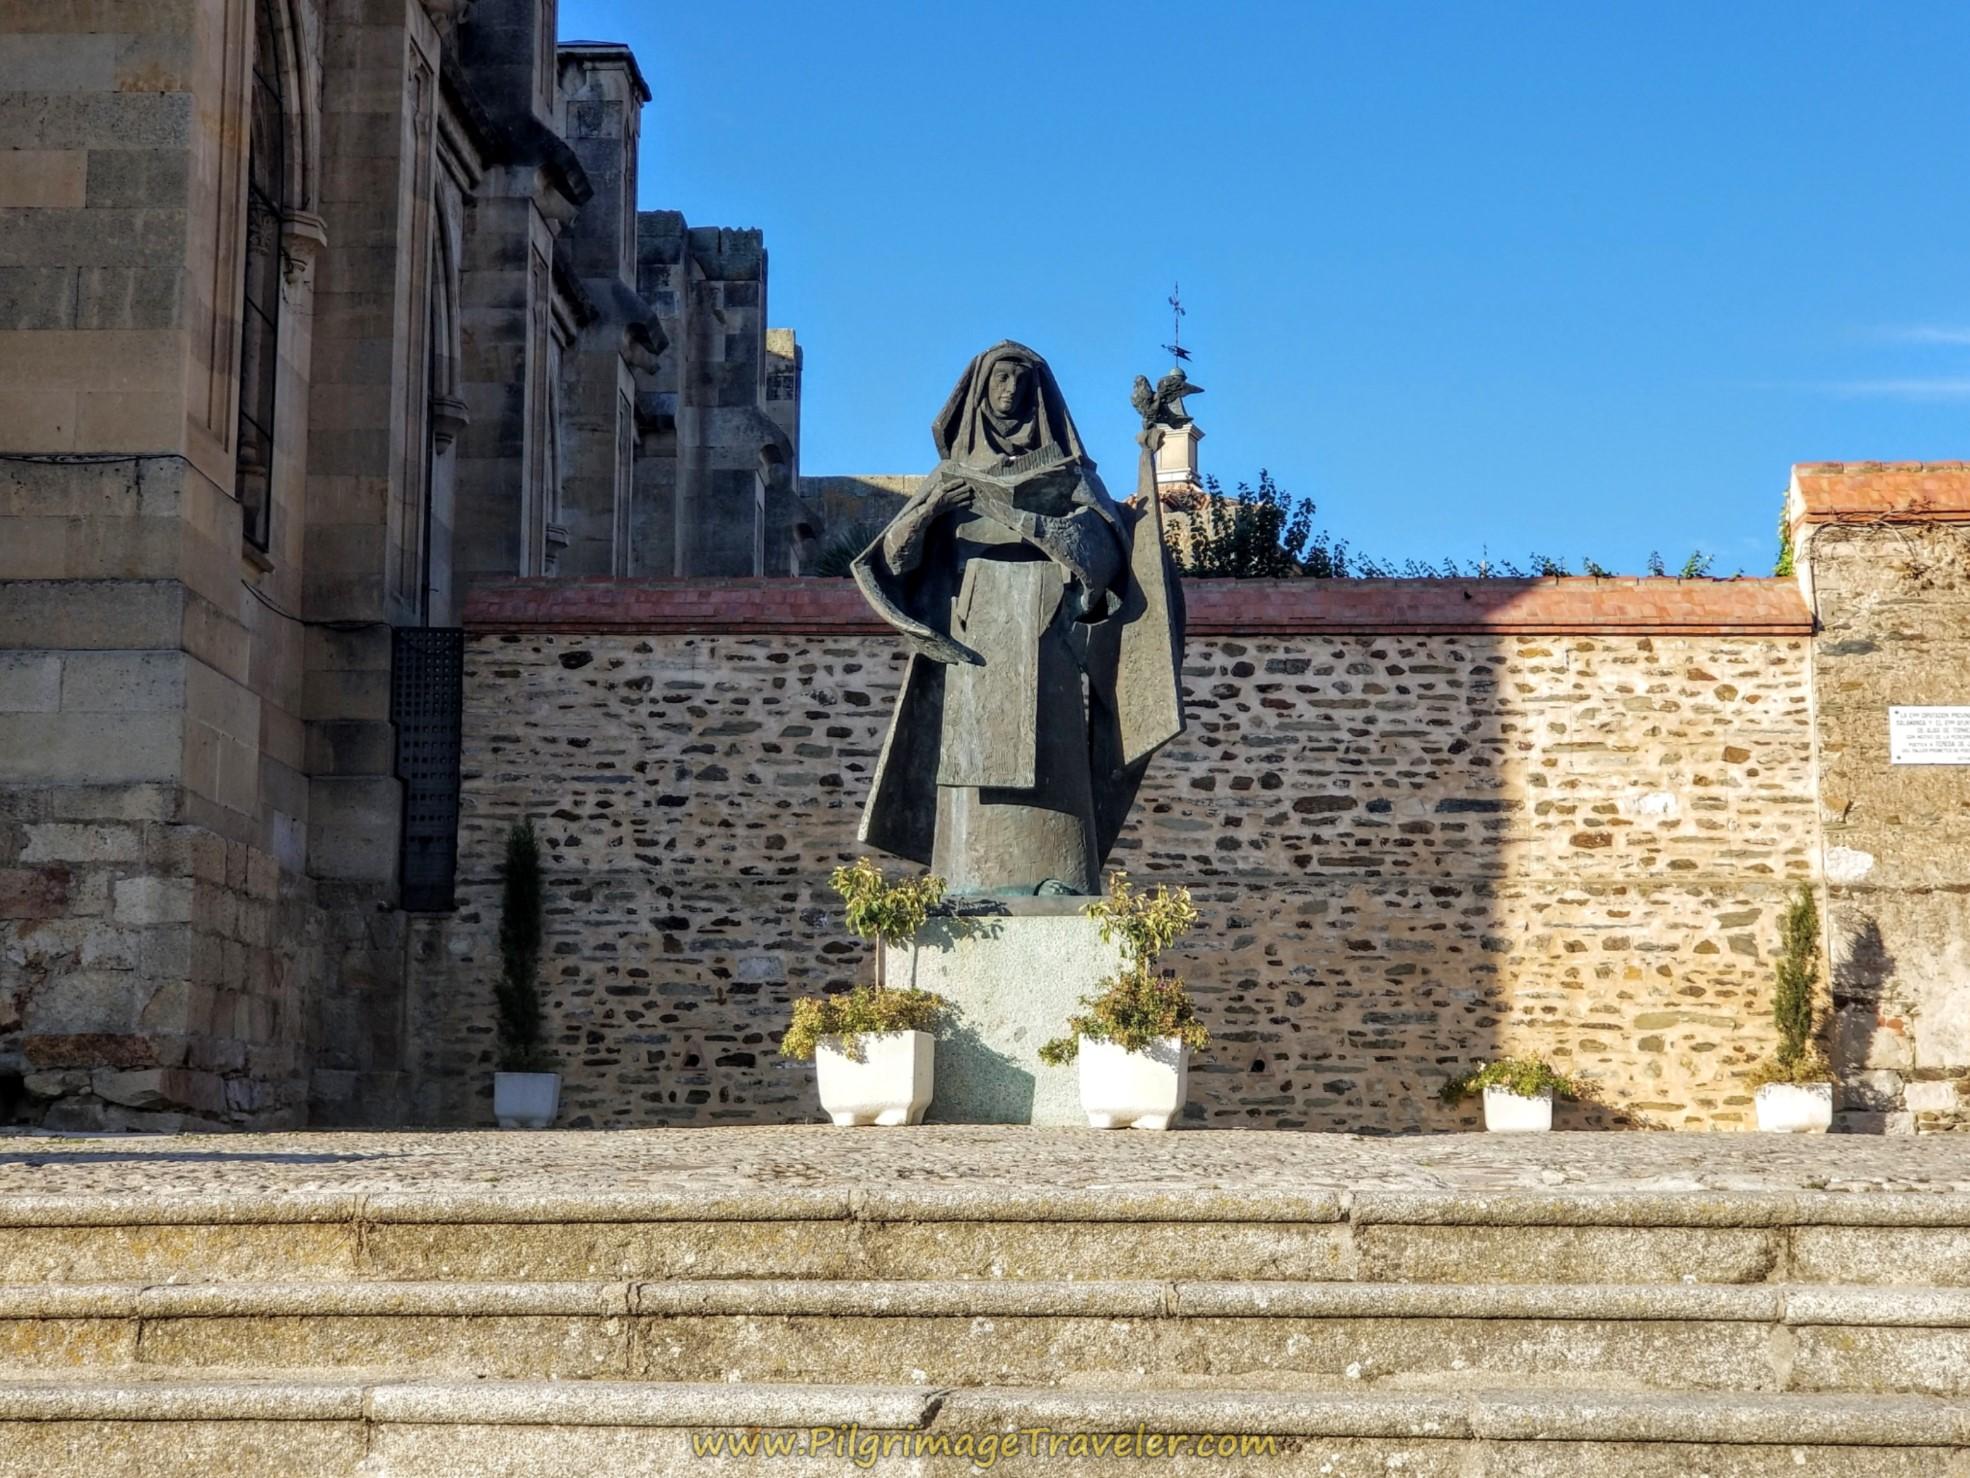 Statue, Basilica de Santa Teresa